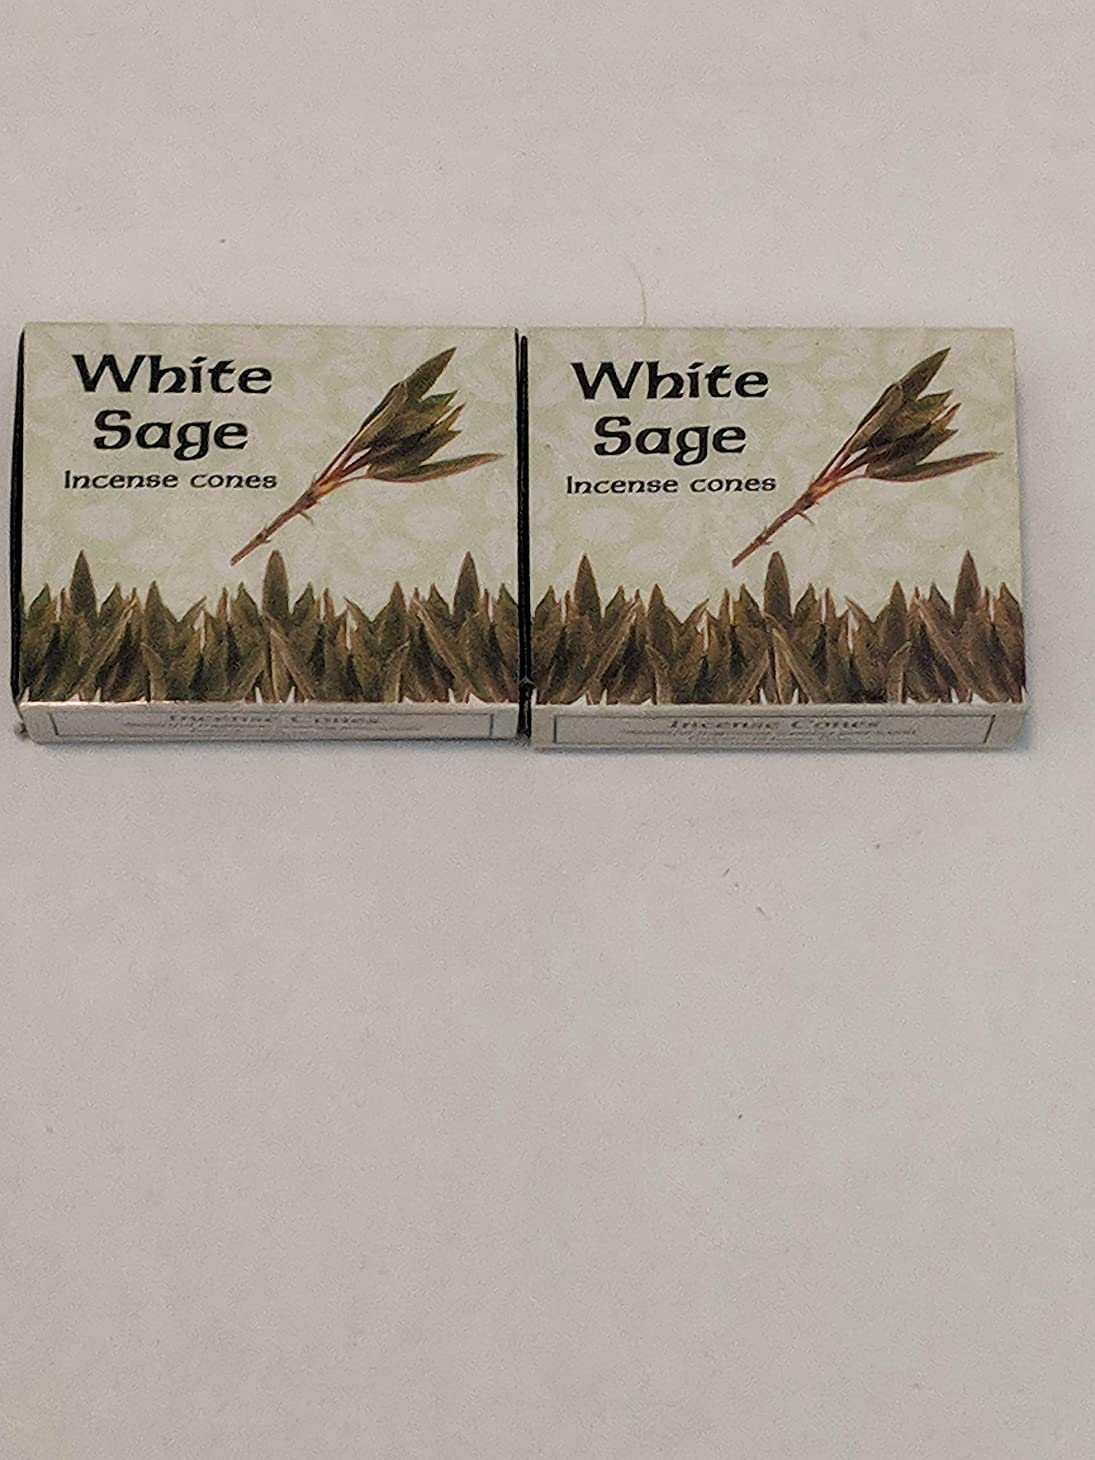 コンデンサースクラップブックずっとKamini ホワイトセージ線香 マルチパック 2 Packs (20 Cones) ブラウン